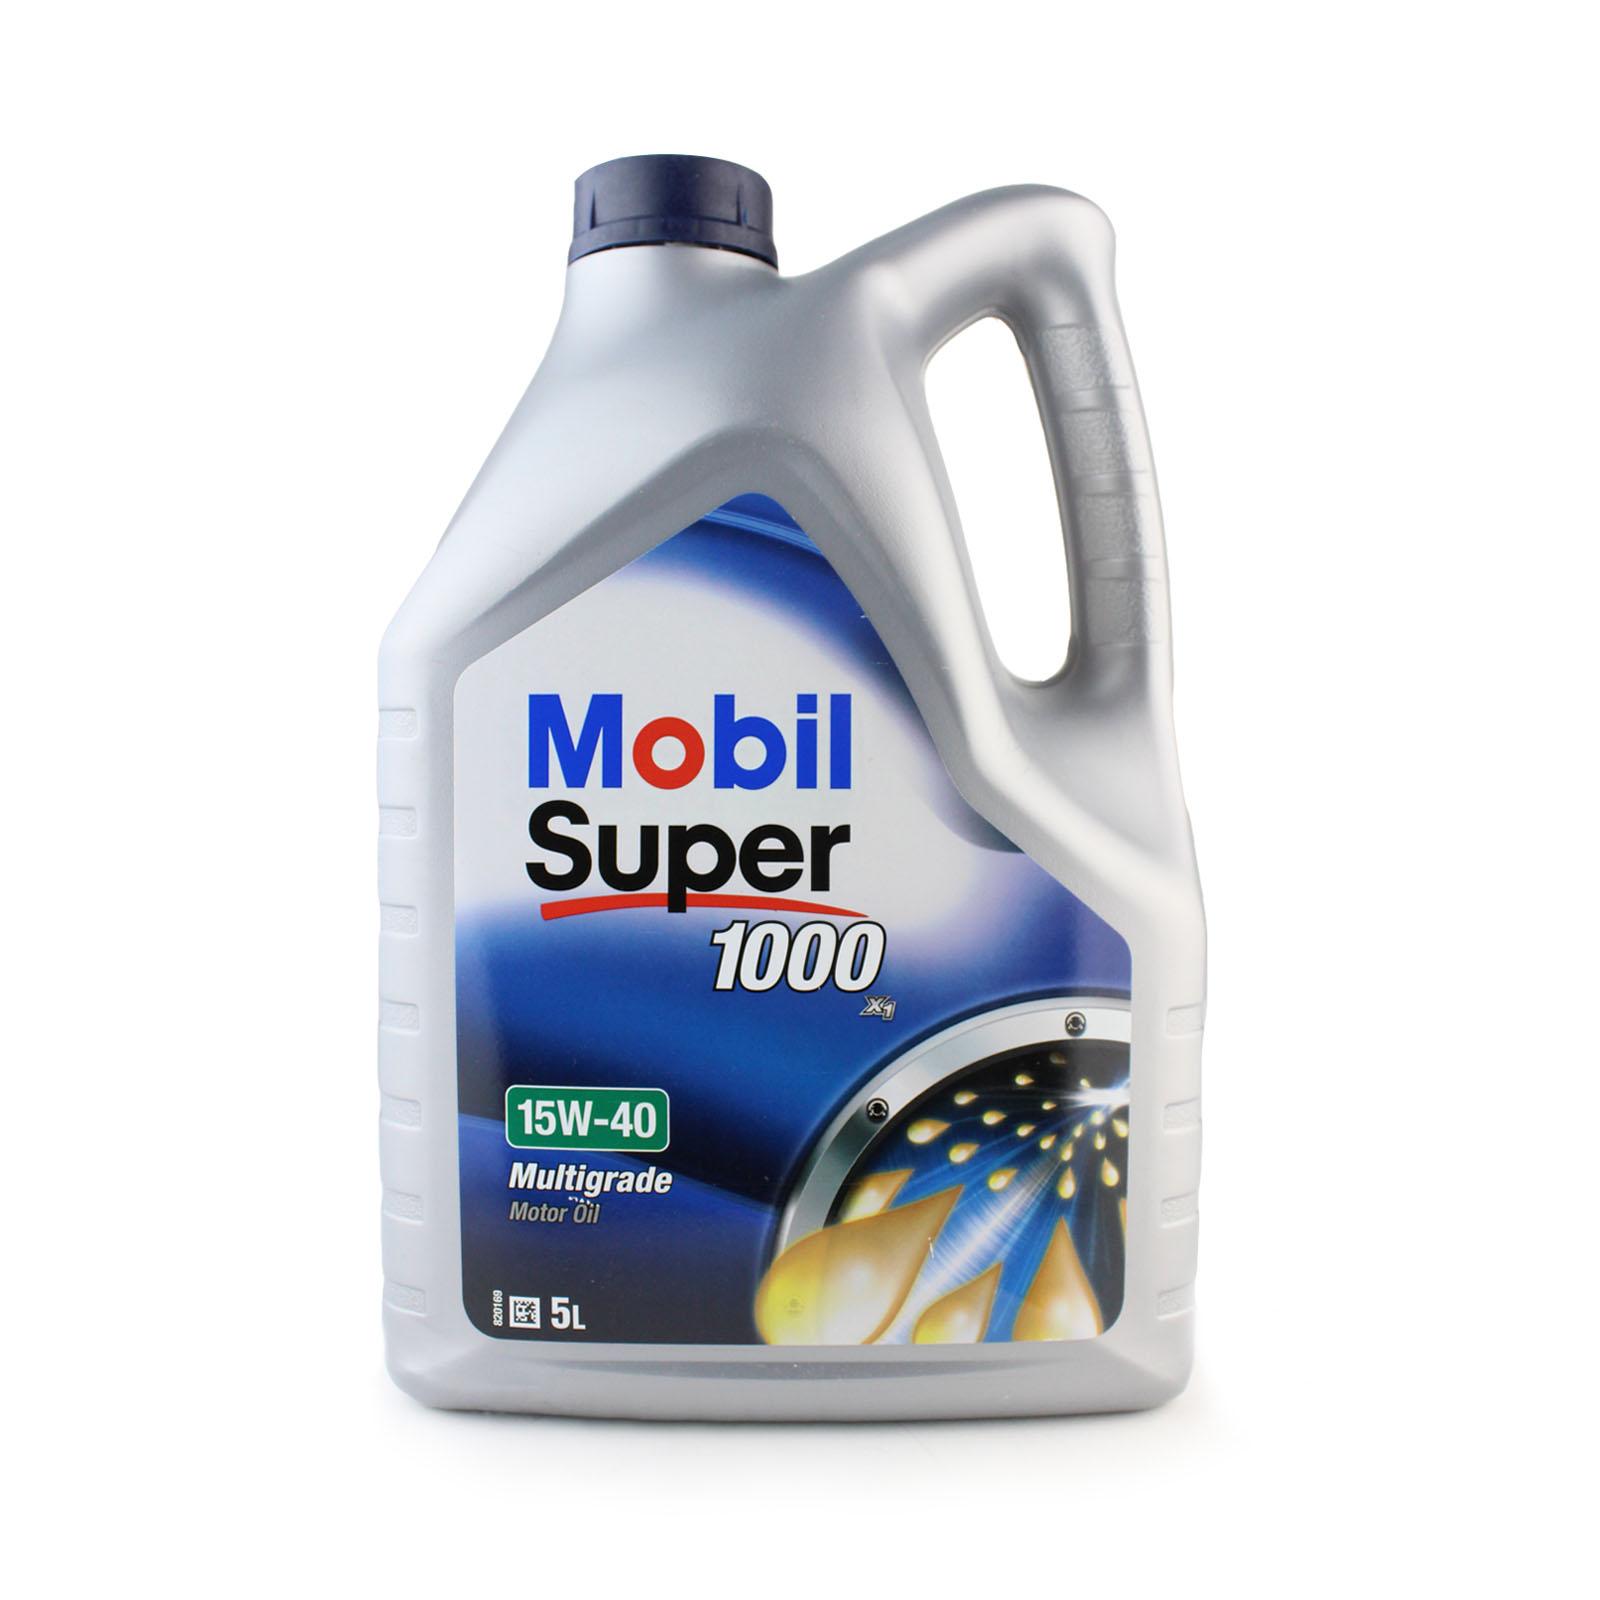 5 Litre Mobil Super 1000 X1 15w40 Mb 229 1 Multigrade